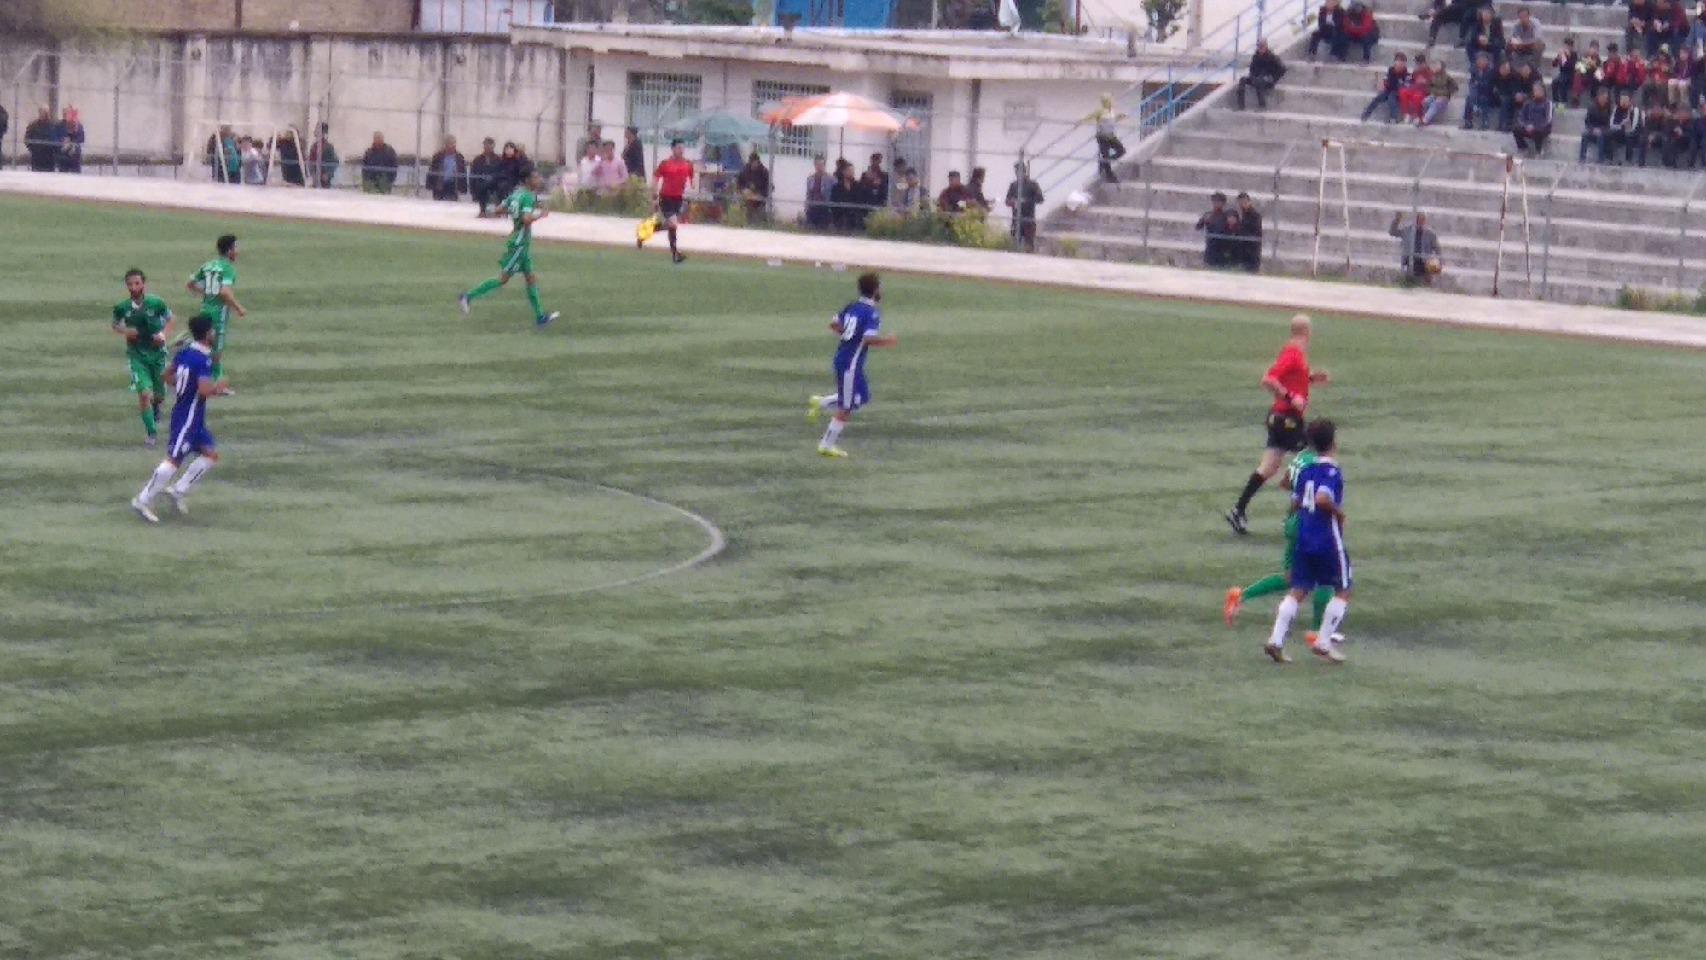 یک برد و یک باخت تیم های گیلانی در لیگ دسته دوم فوتبال کشور